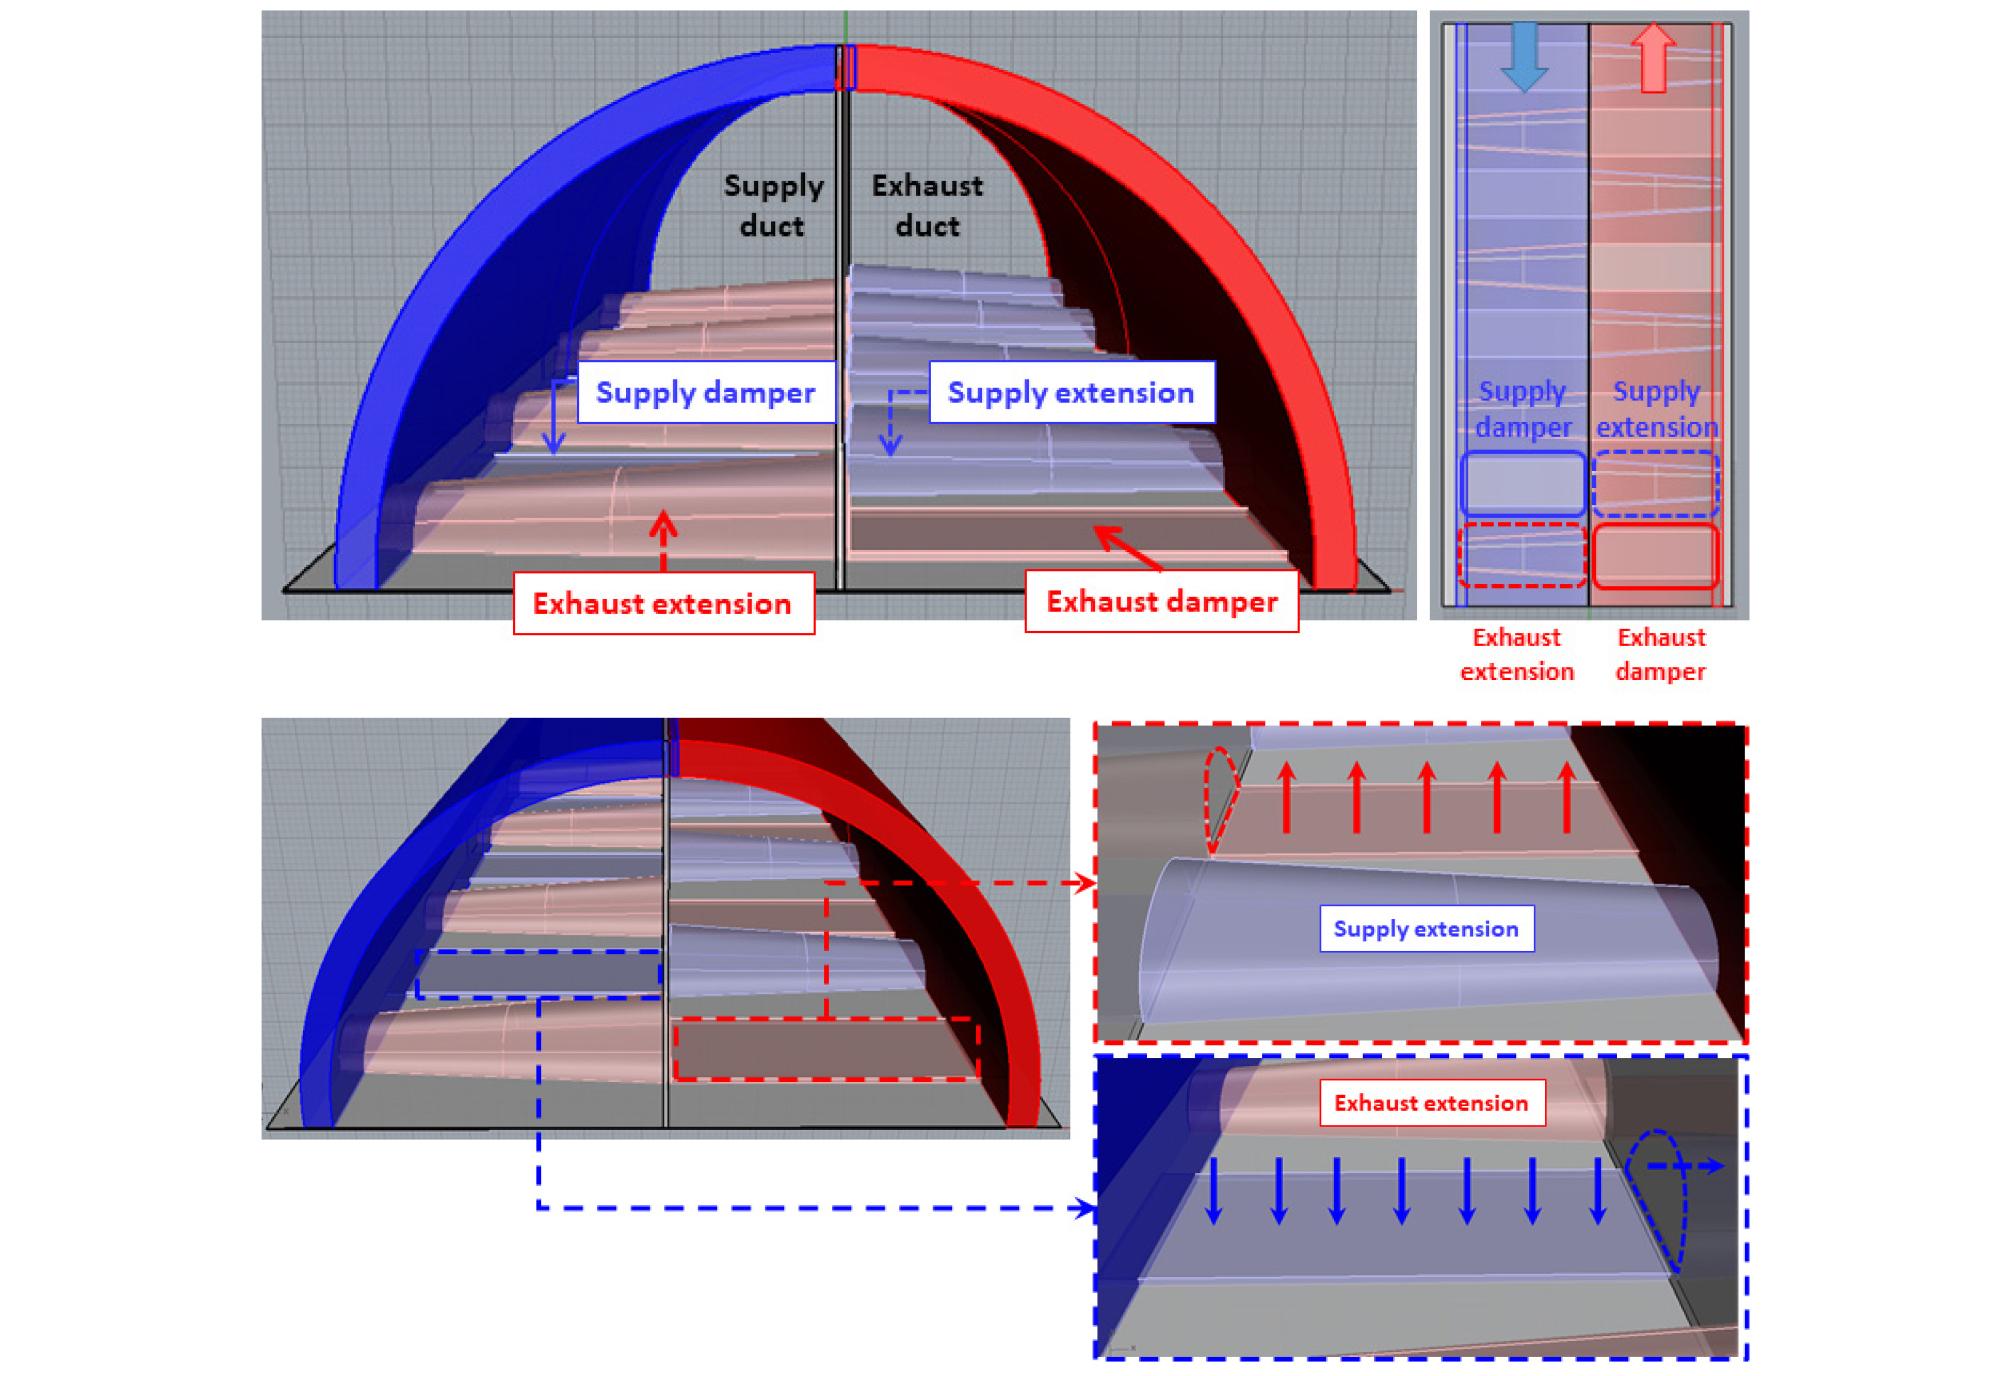 http://static.apub.kr/journalsite/sites/kta/2020-022-05/N0550220506/images/kta_22_05_06_F1.jpg